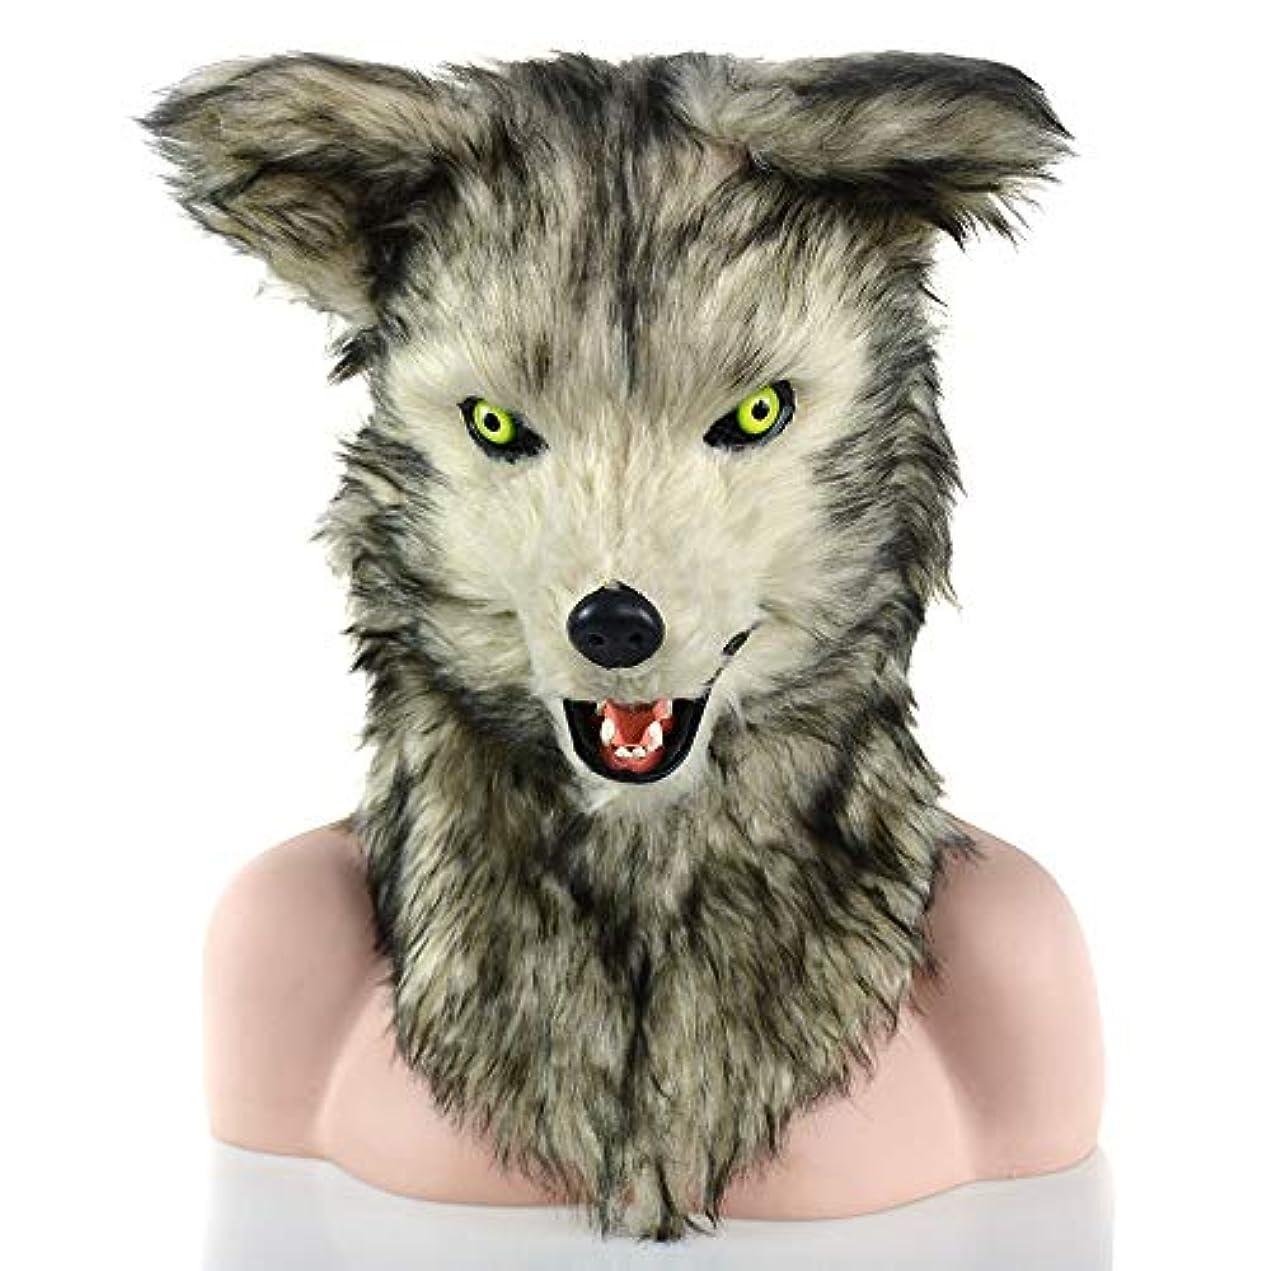 姓保証上ETH あなたの口ジャッカルがハロウィン用品ぬいぐるみシミュレーション動物デコレーションドレス帽子マスク移動します 適用されます